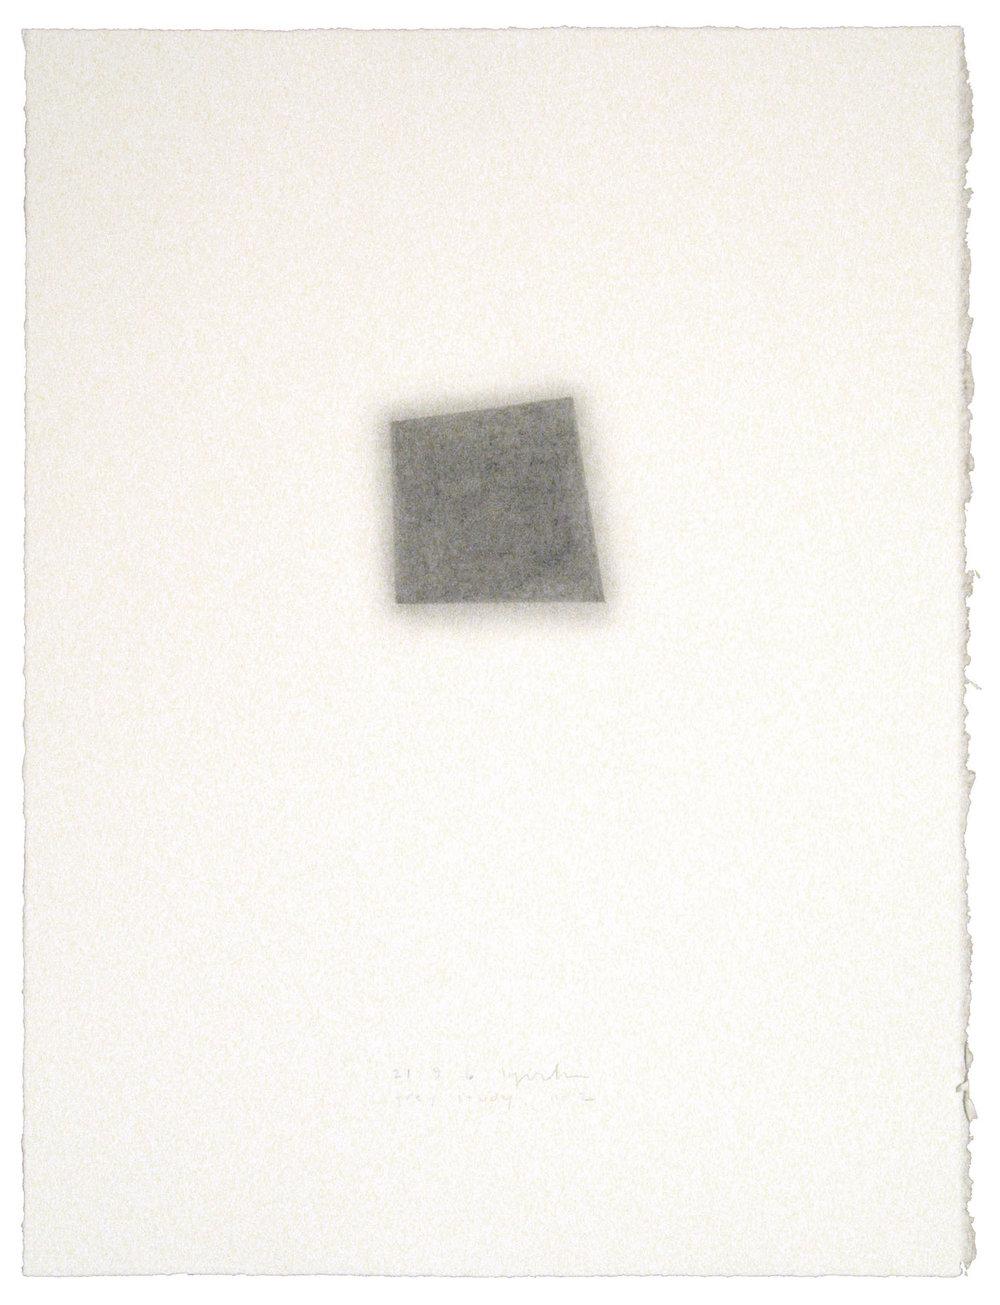 Grey Study, no. 2, 21.9.06, 2007